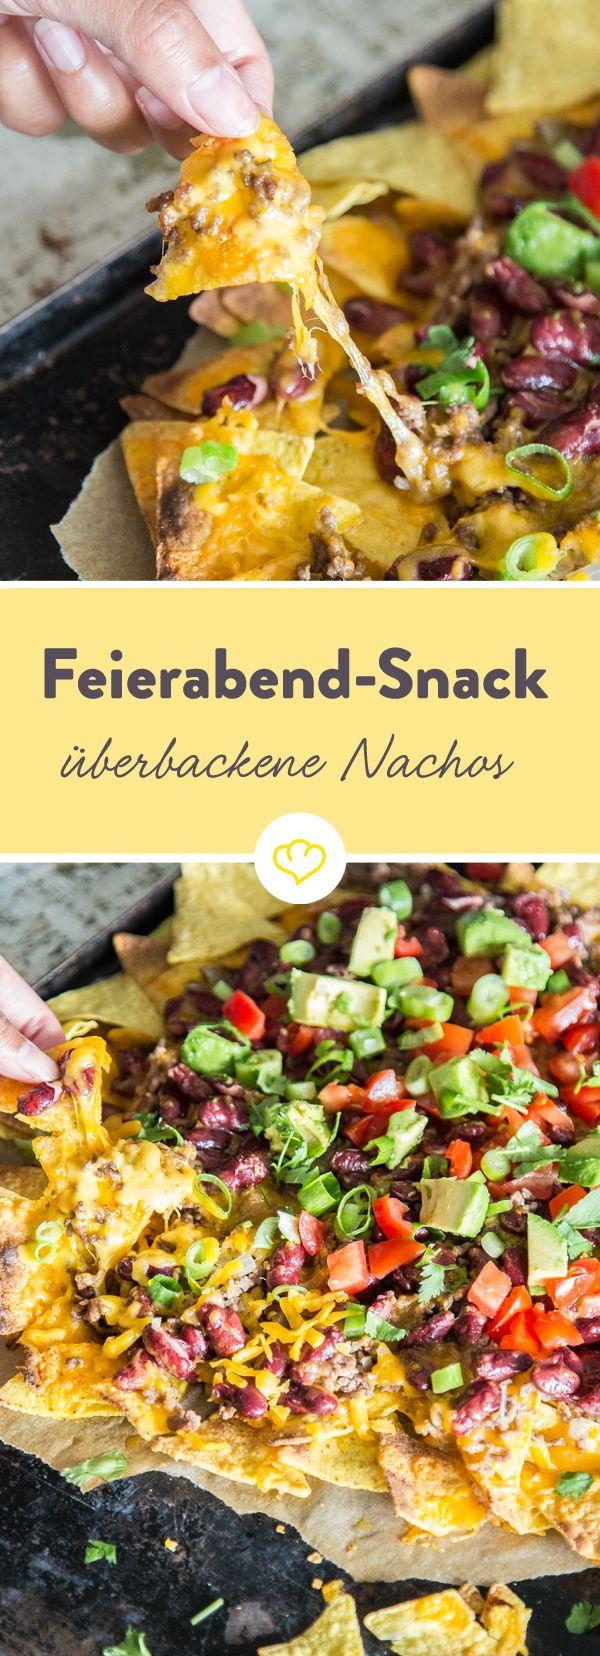 Überbackene Nachos als großer Snack oder kleines Dinner #schnellepartyrezepte